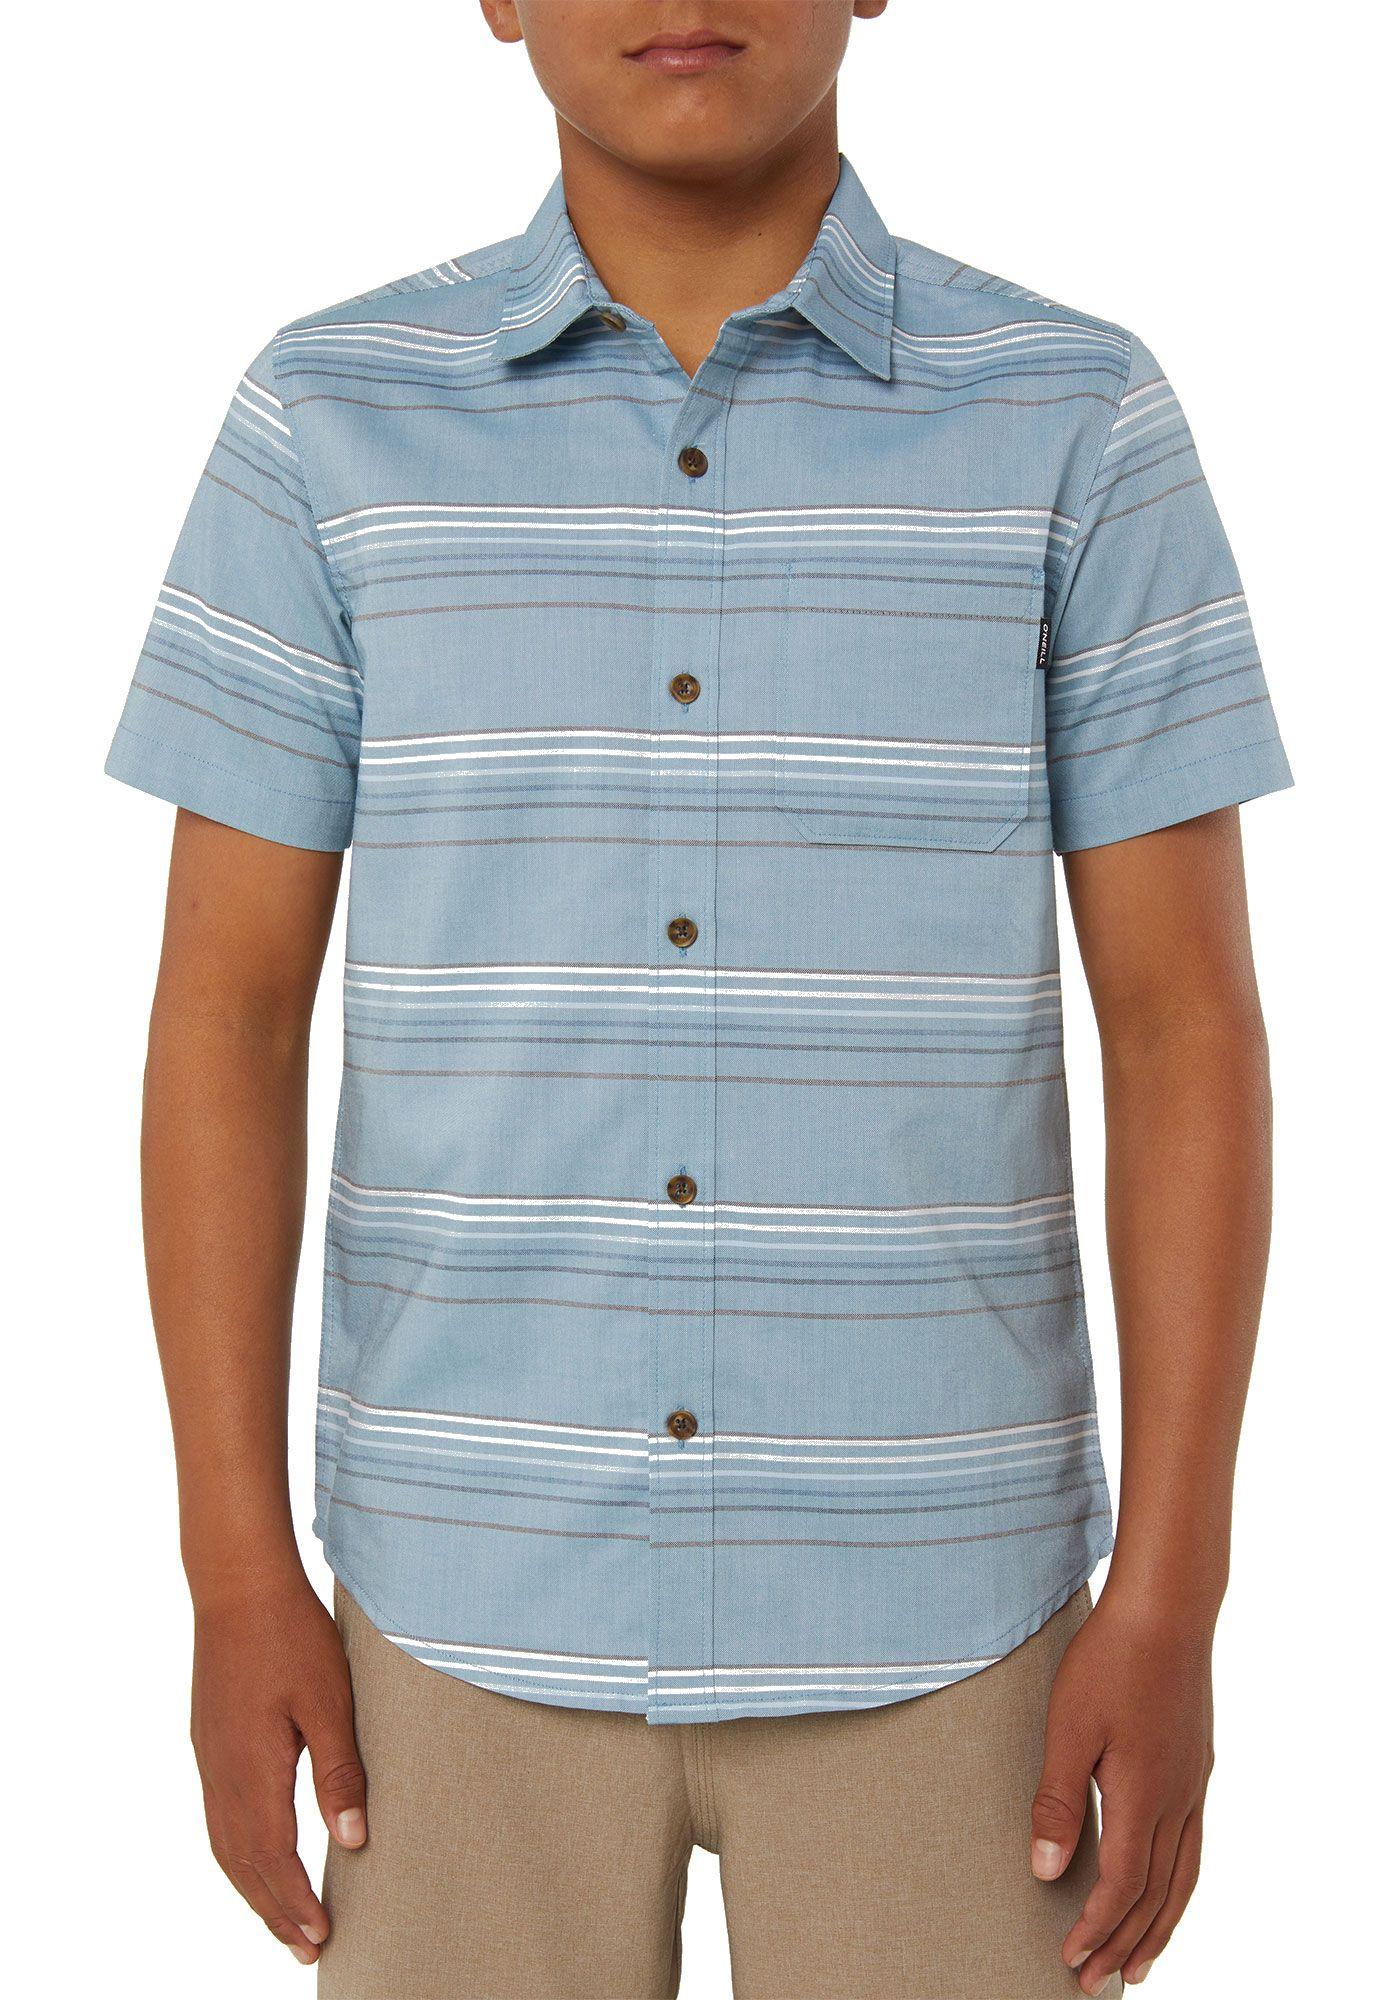 O'Neill Boys' Dexter Short Sleeve Button Up Shirt